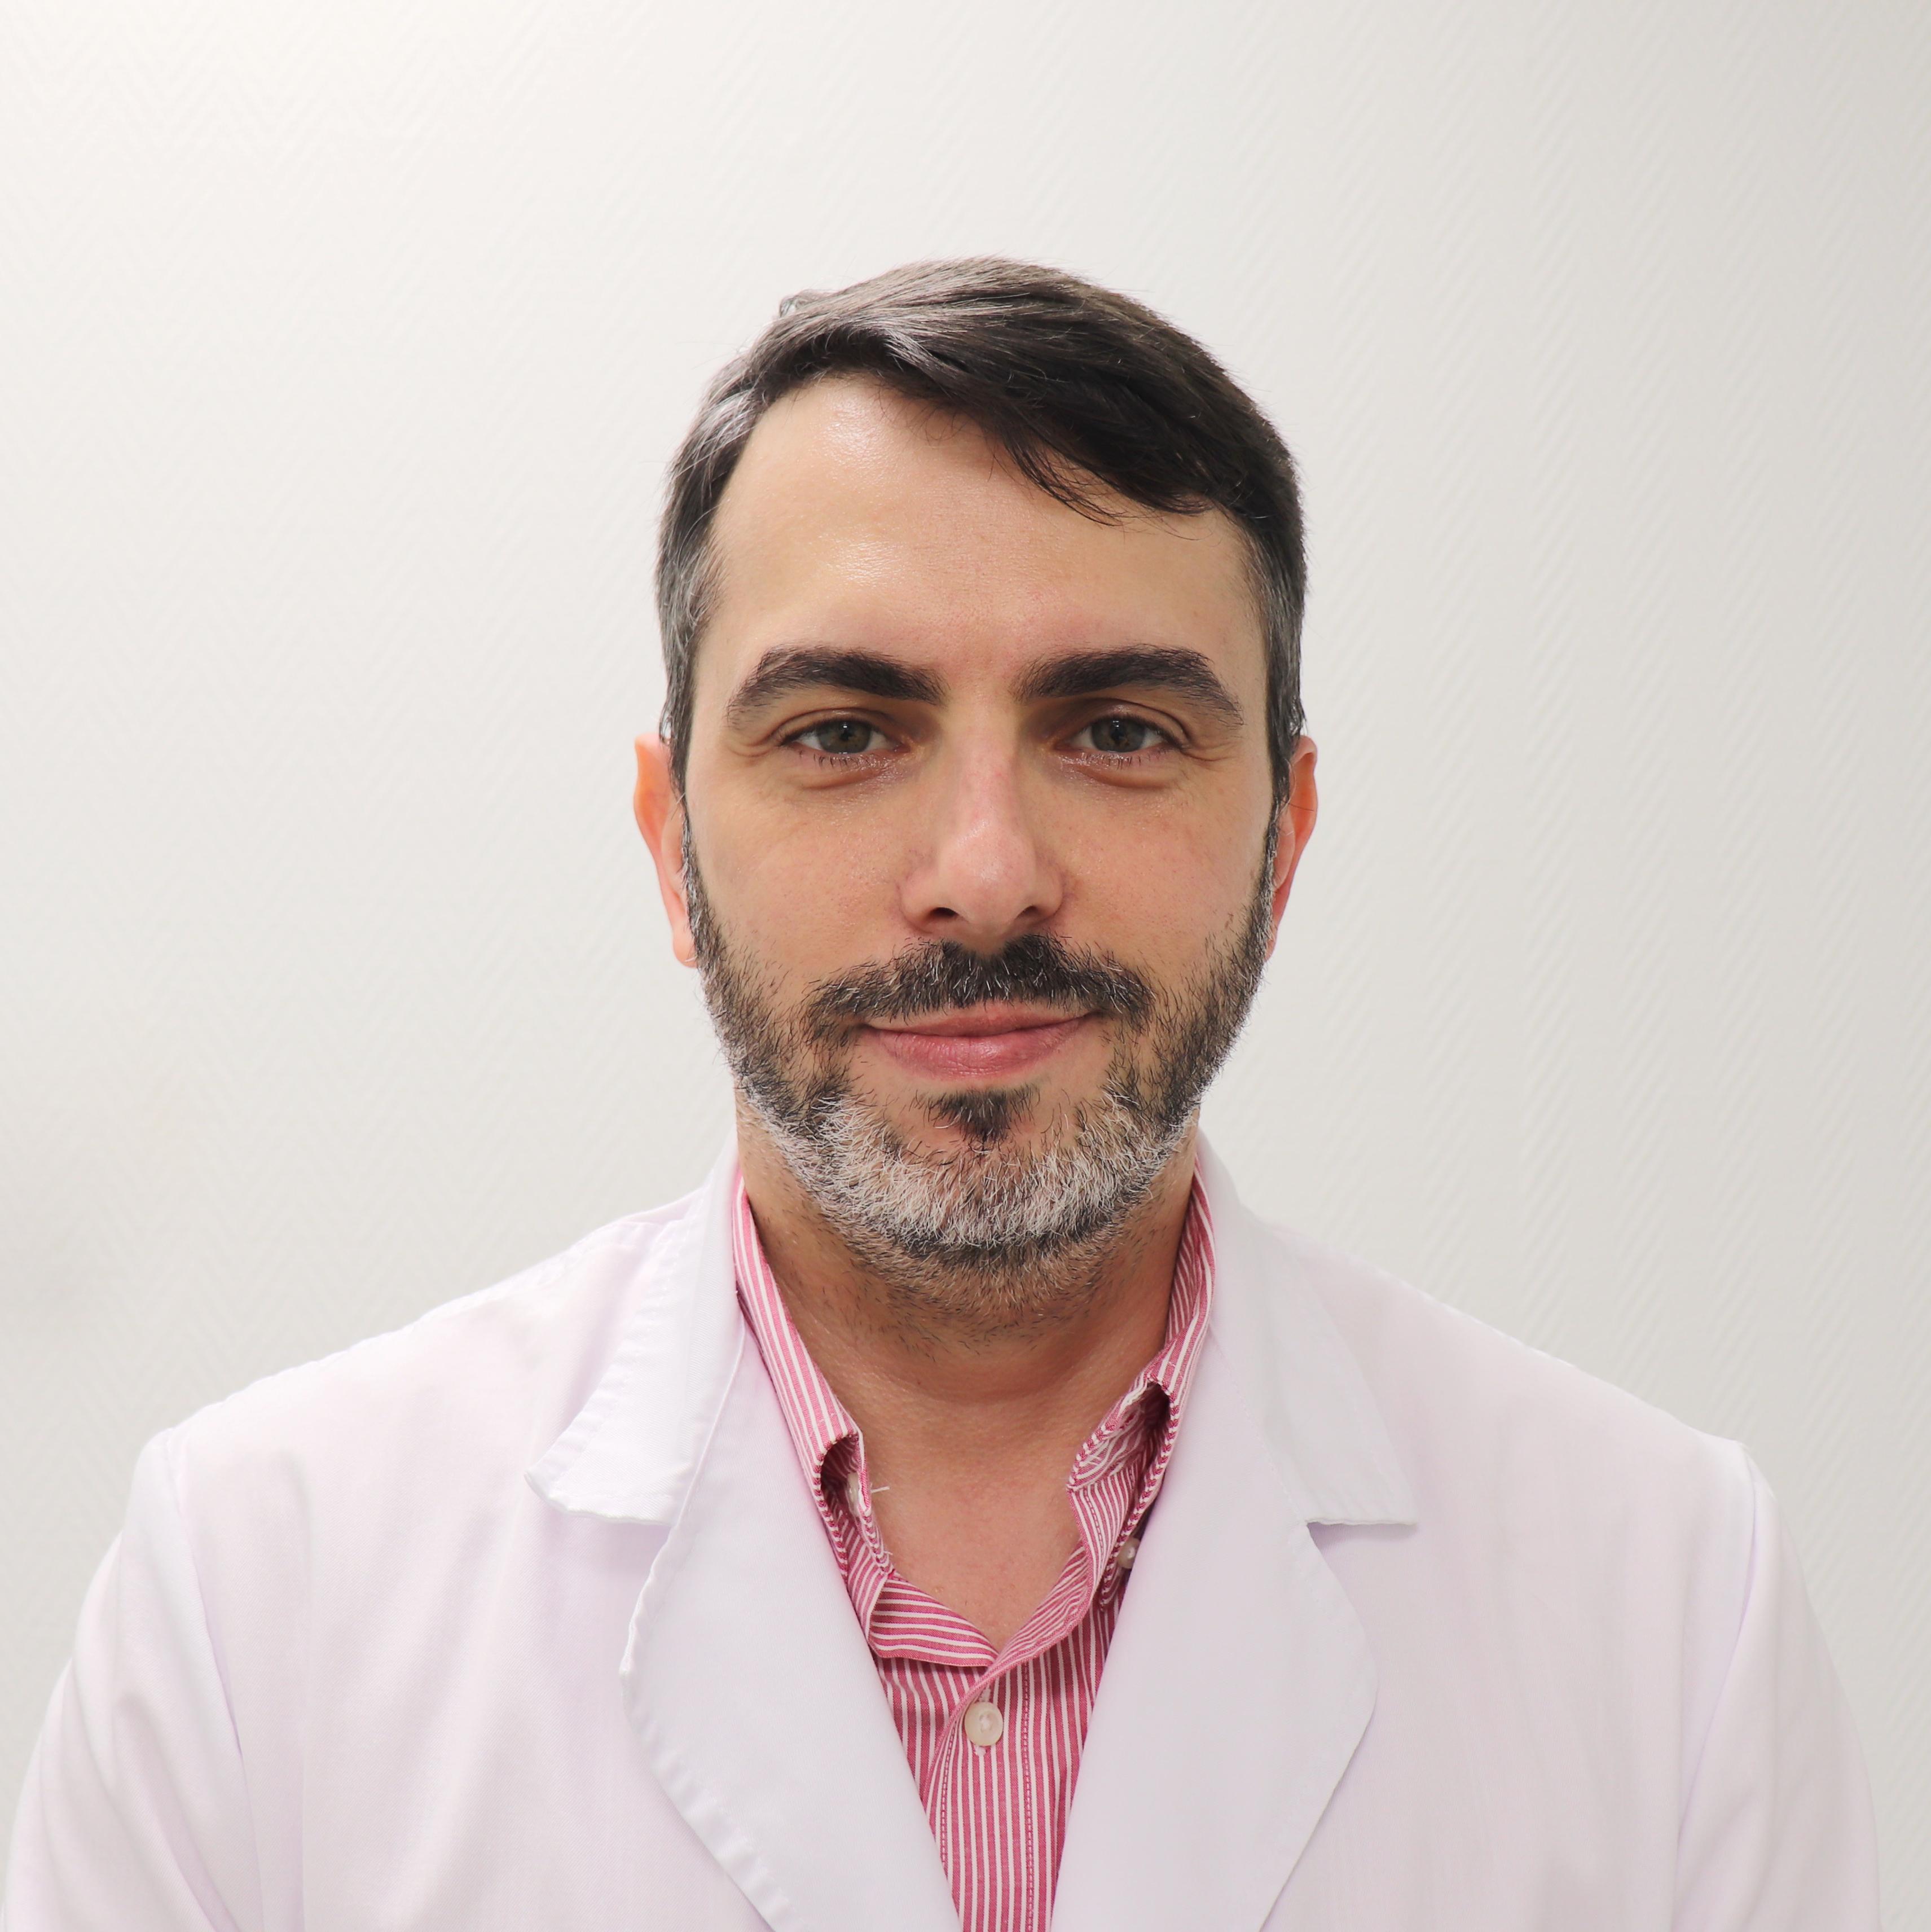 Pablo Pedrianes Martín